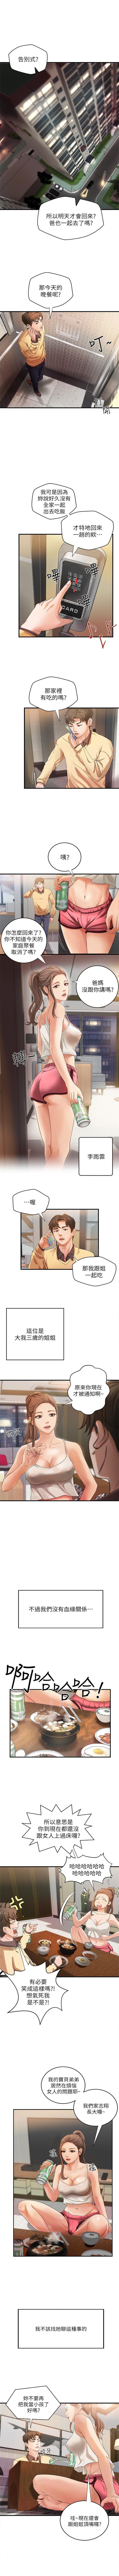 御姐的實戰教學 1-24 官方中文(連載中) 7